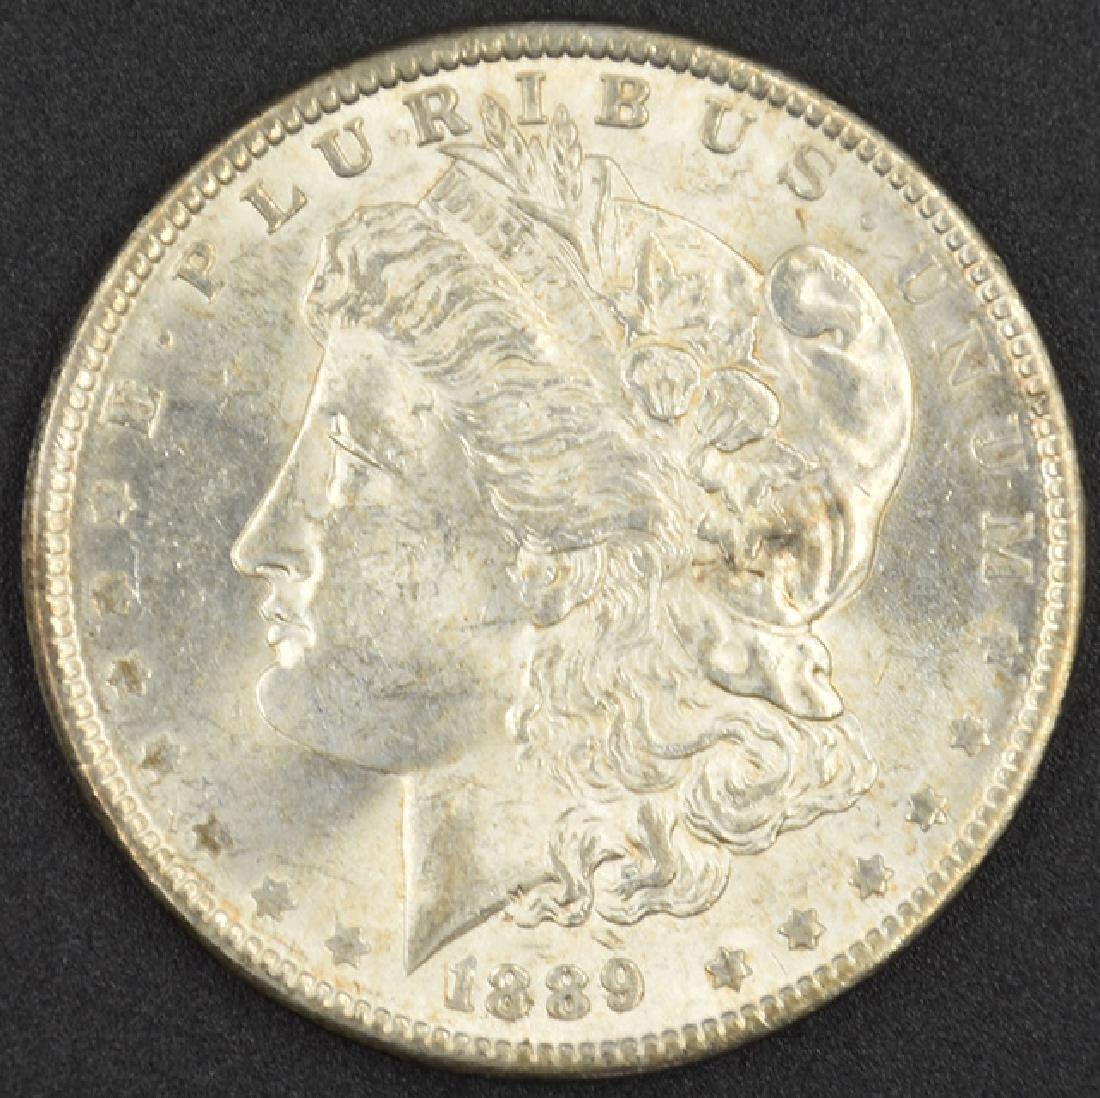 1889-P Morgan Silver Dollar Coin